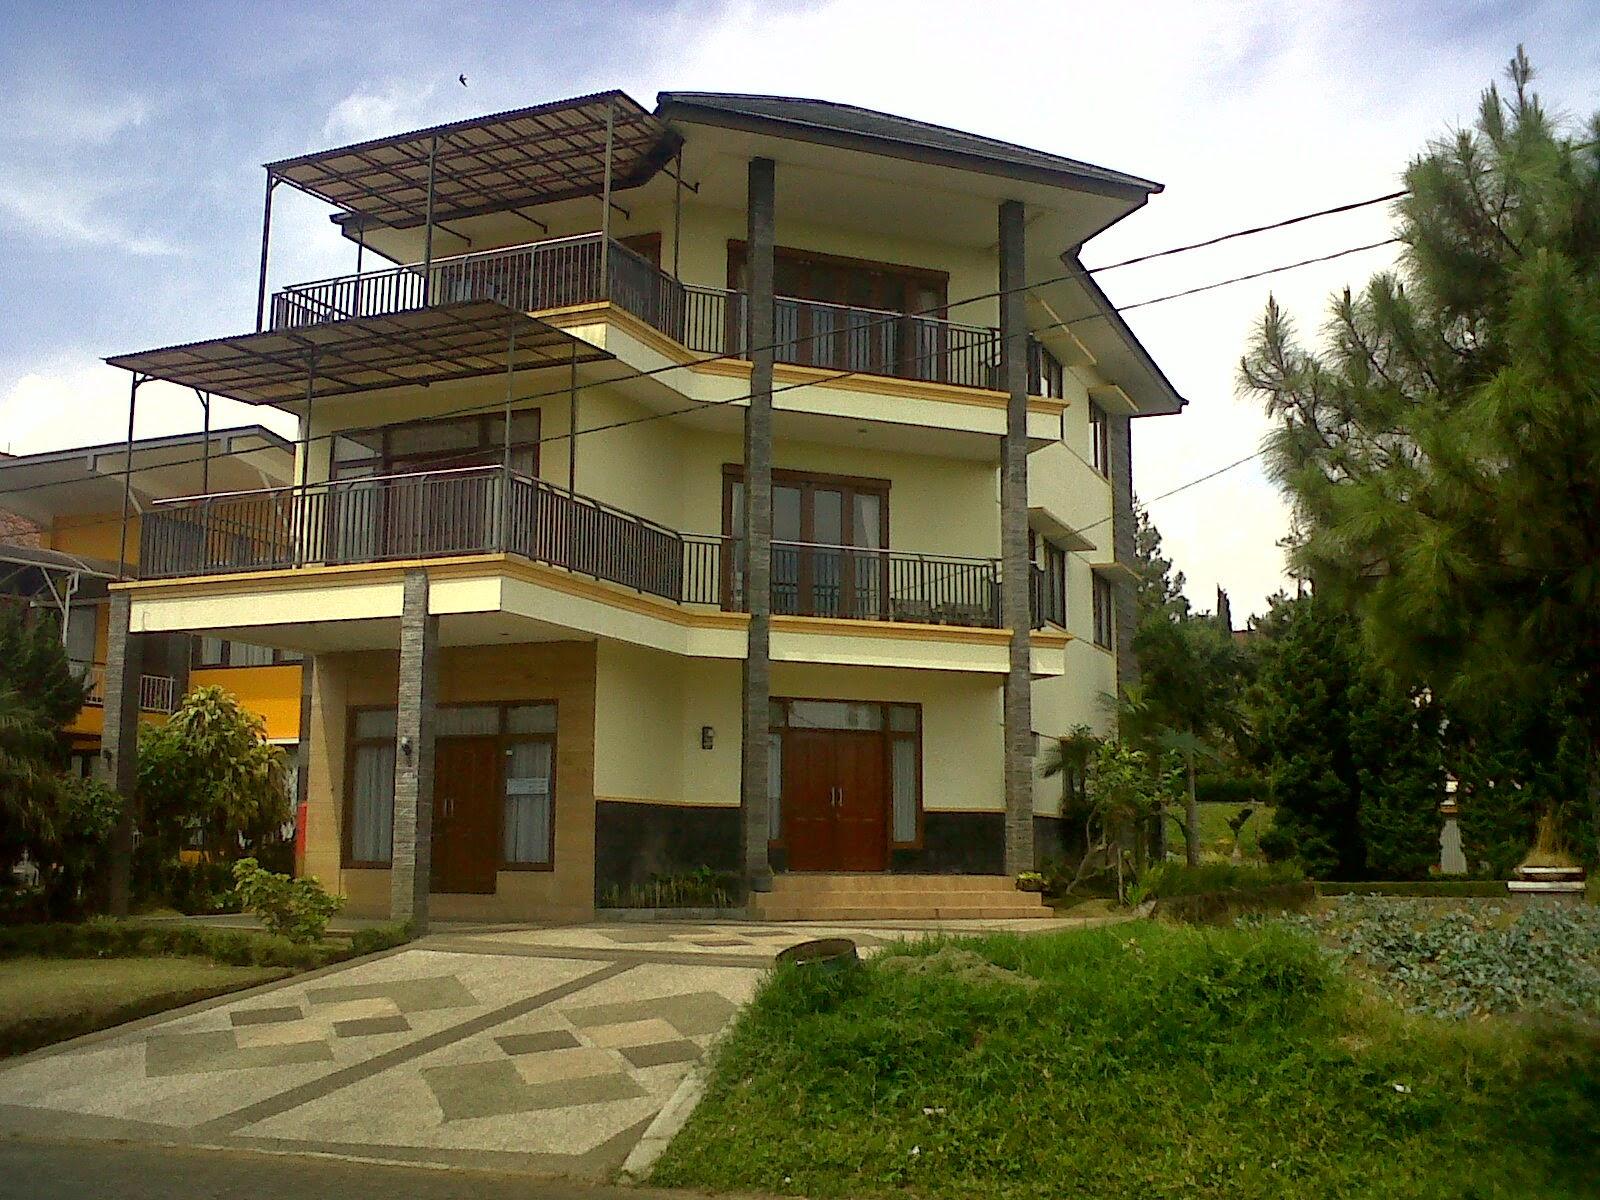 https://www.sewavilladilembangbandung.net/2013/12/villa-murah-di-lembang-villa-istana.html